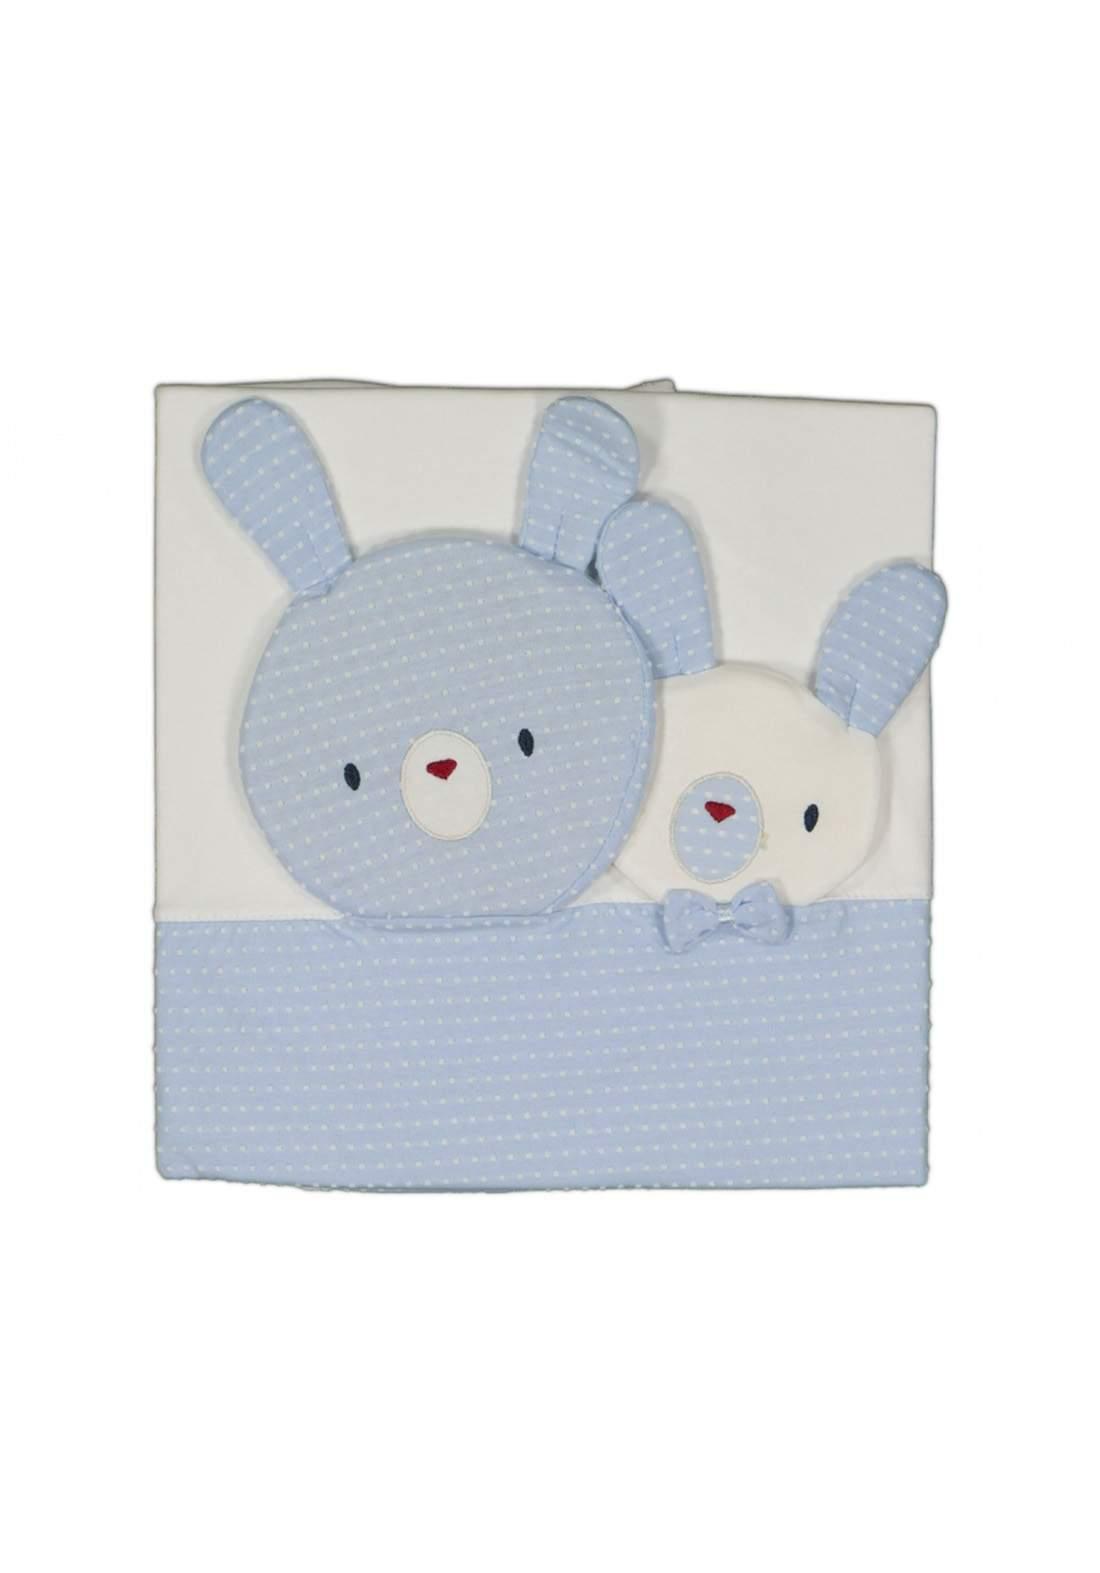 بطانية للاطفال حديثي  الولادة ابيض وسمائي اللون